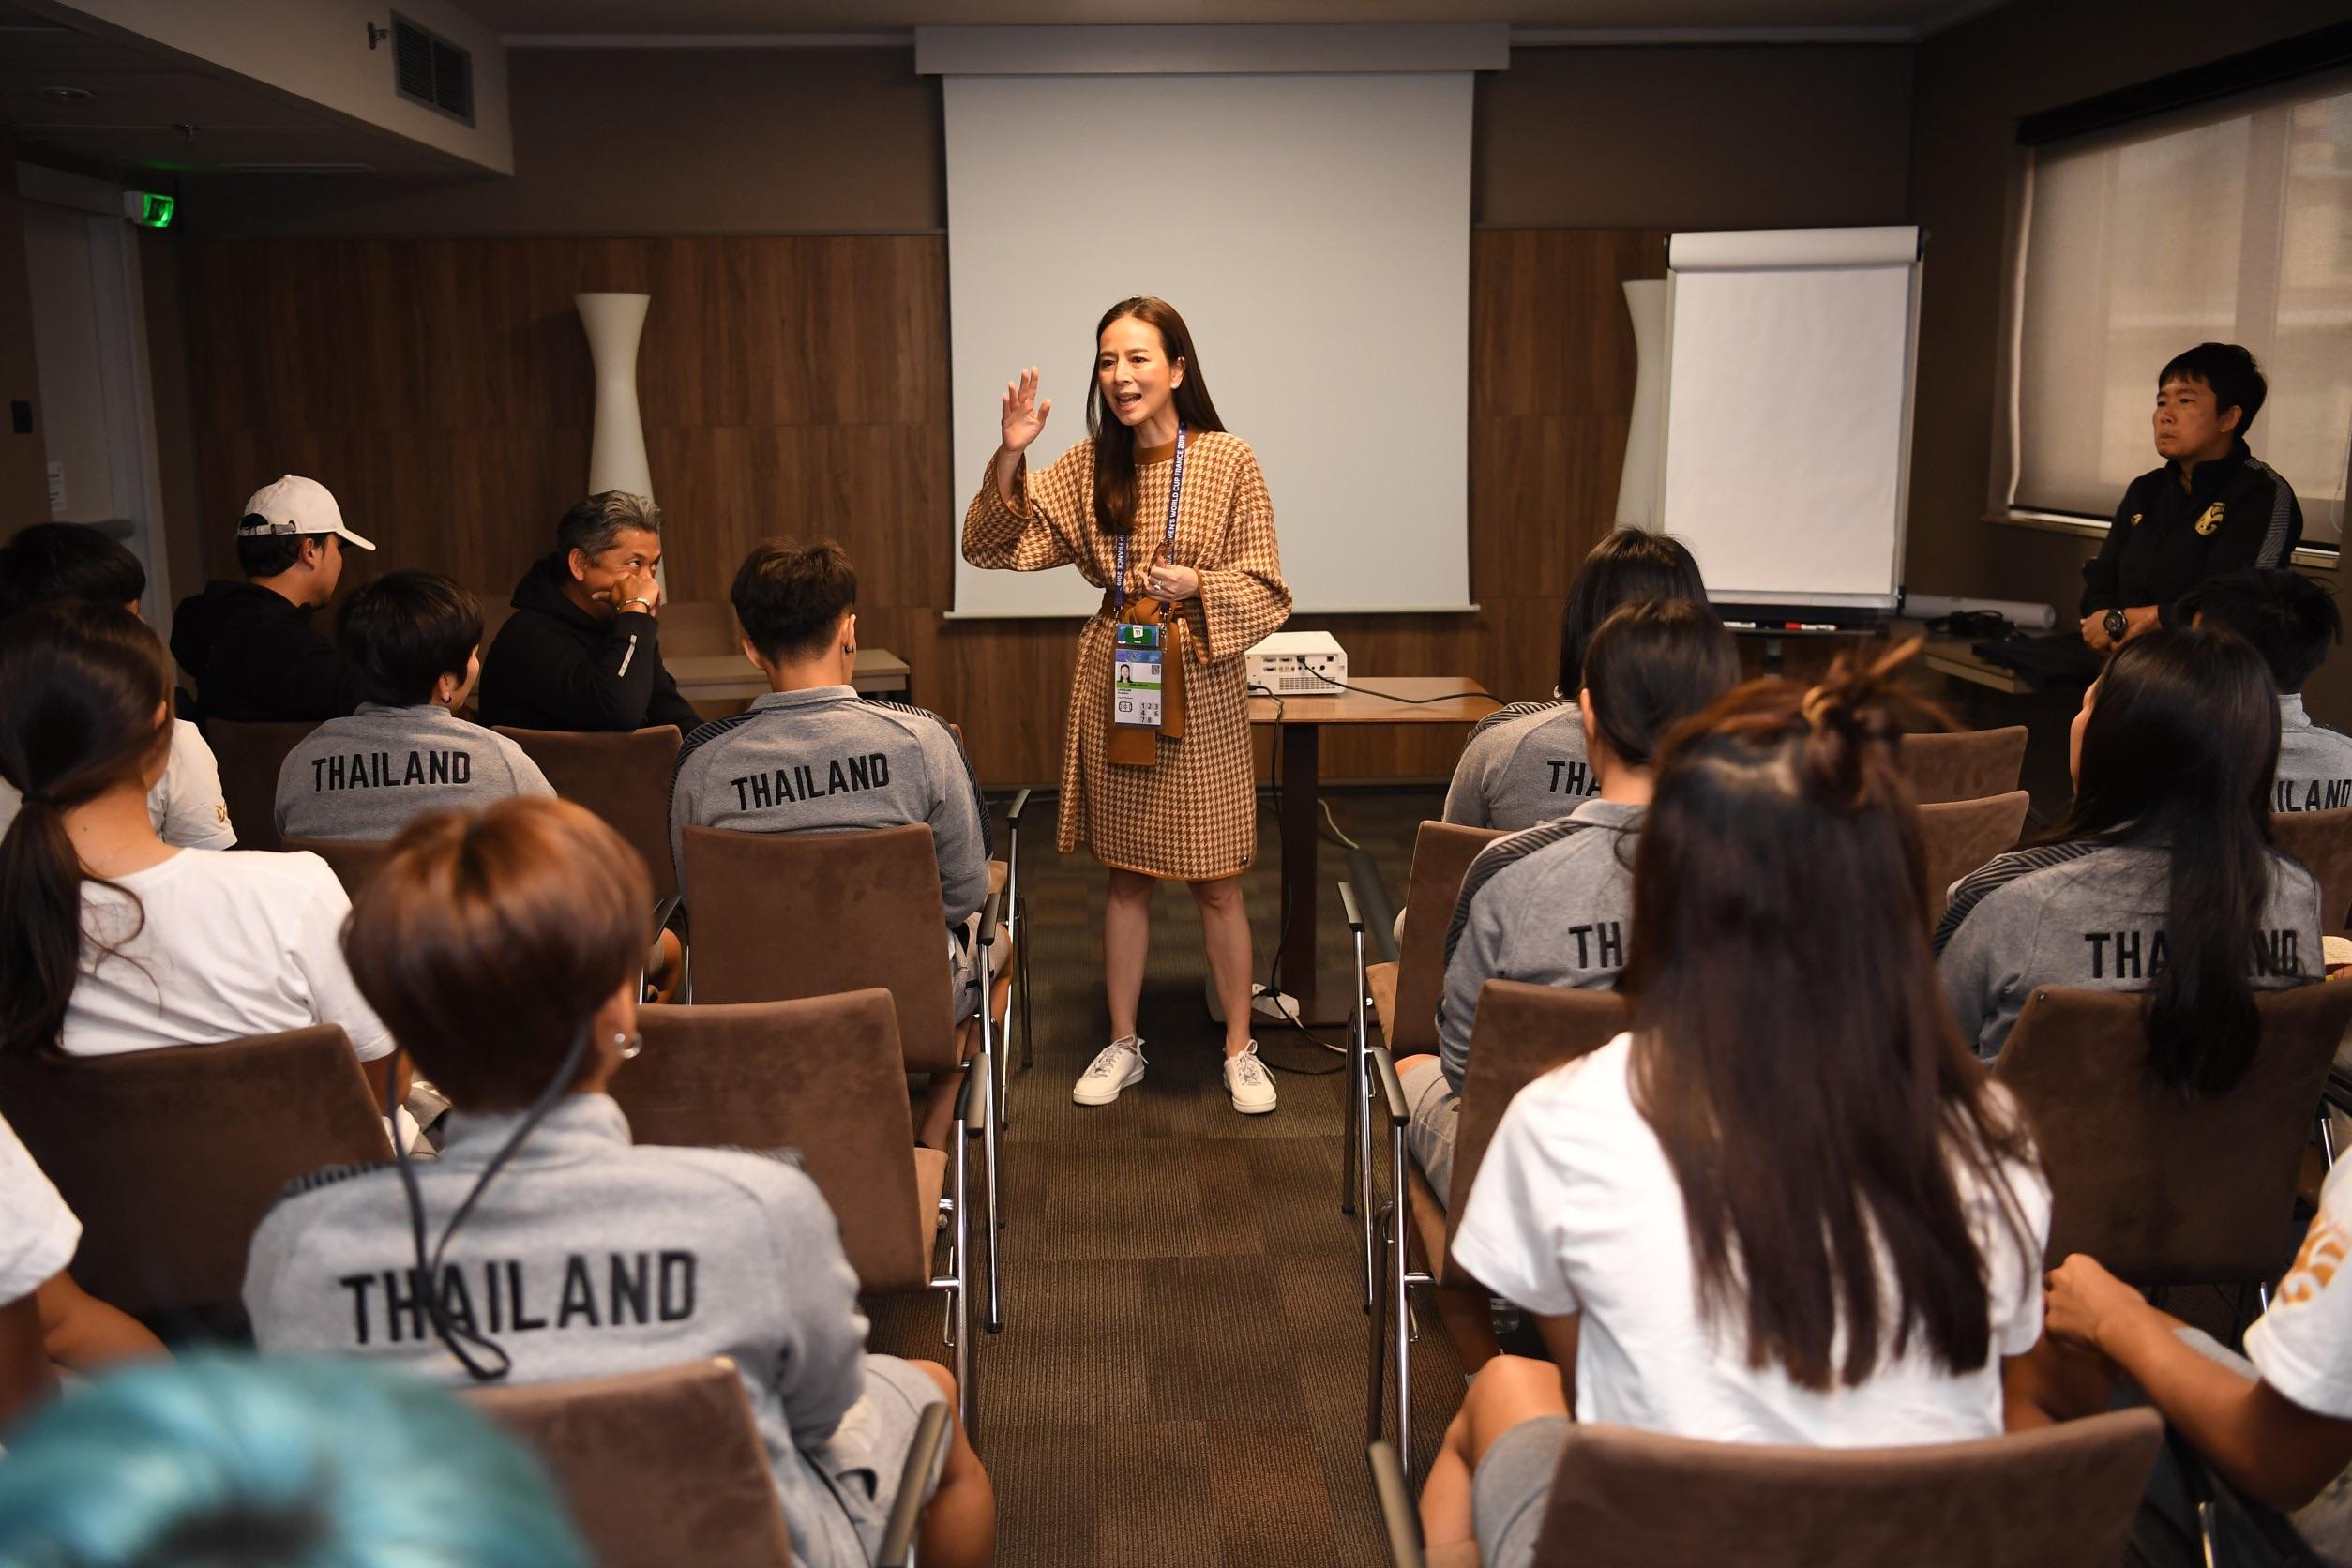 นวลพรรณ ล่ำซำ ฟุตบอลหญิงชิงแชมป์โลก 2019 ฟุตบอลหญิงทีมชาติไทย ฟุตบอลโลกหญิง 2019